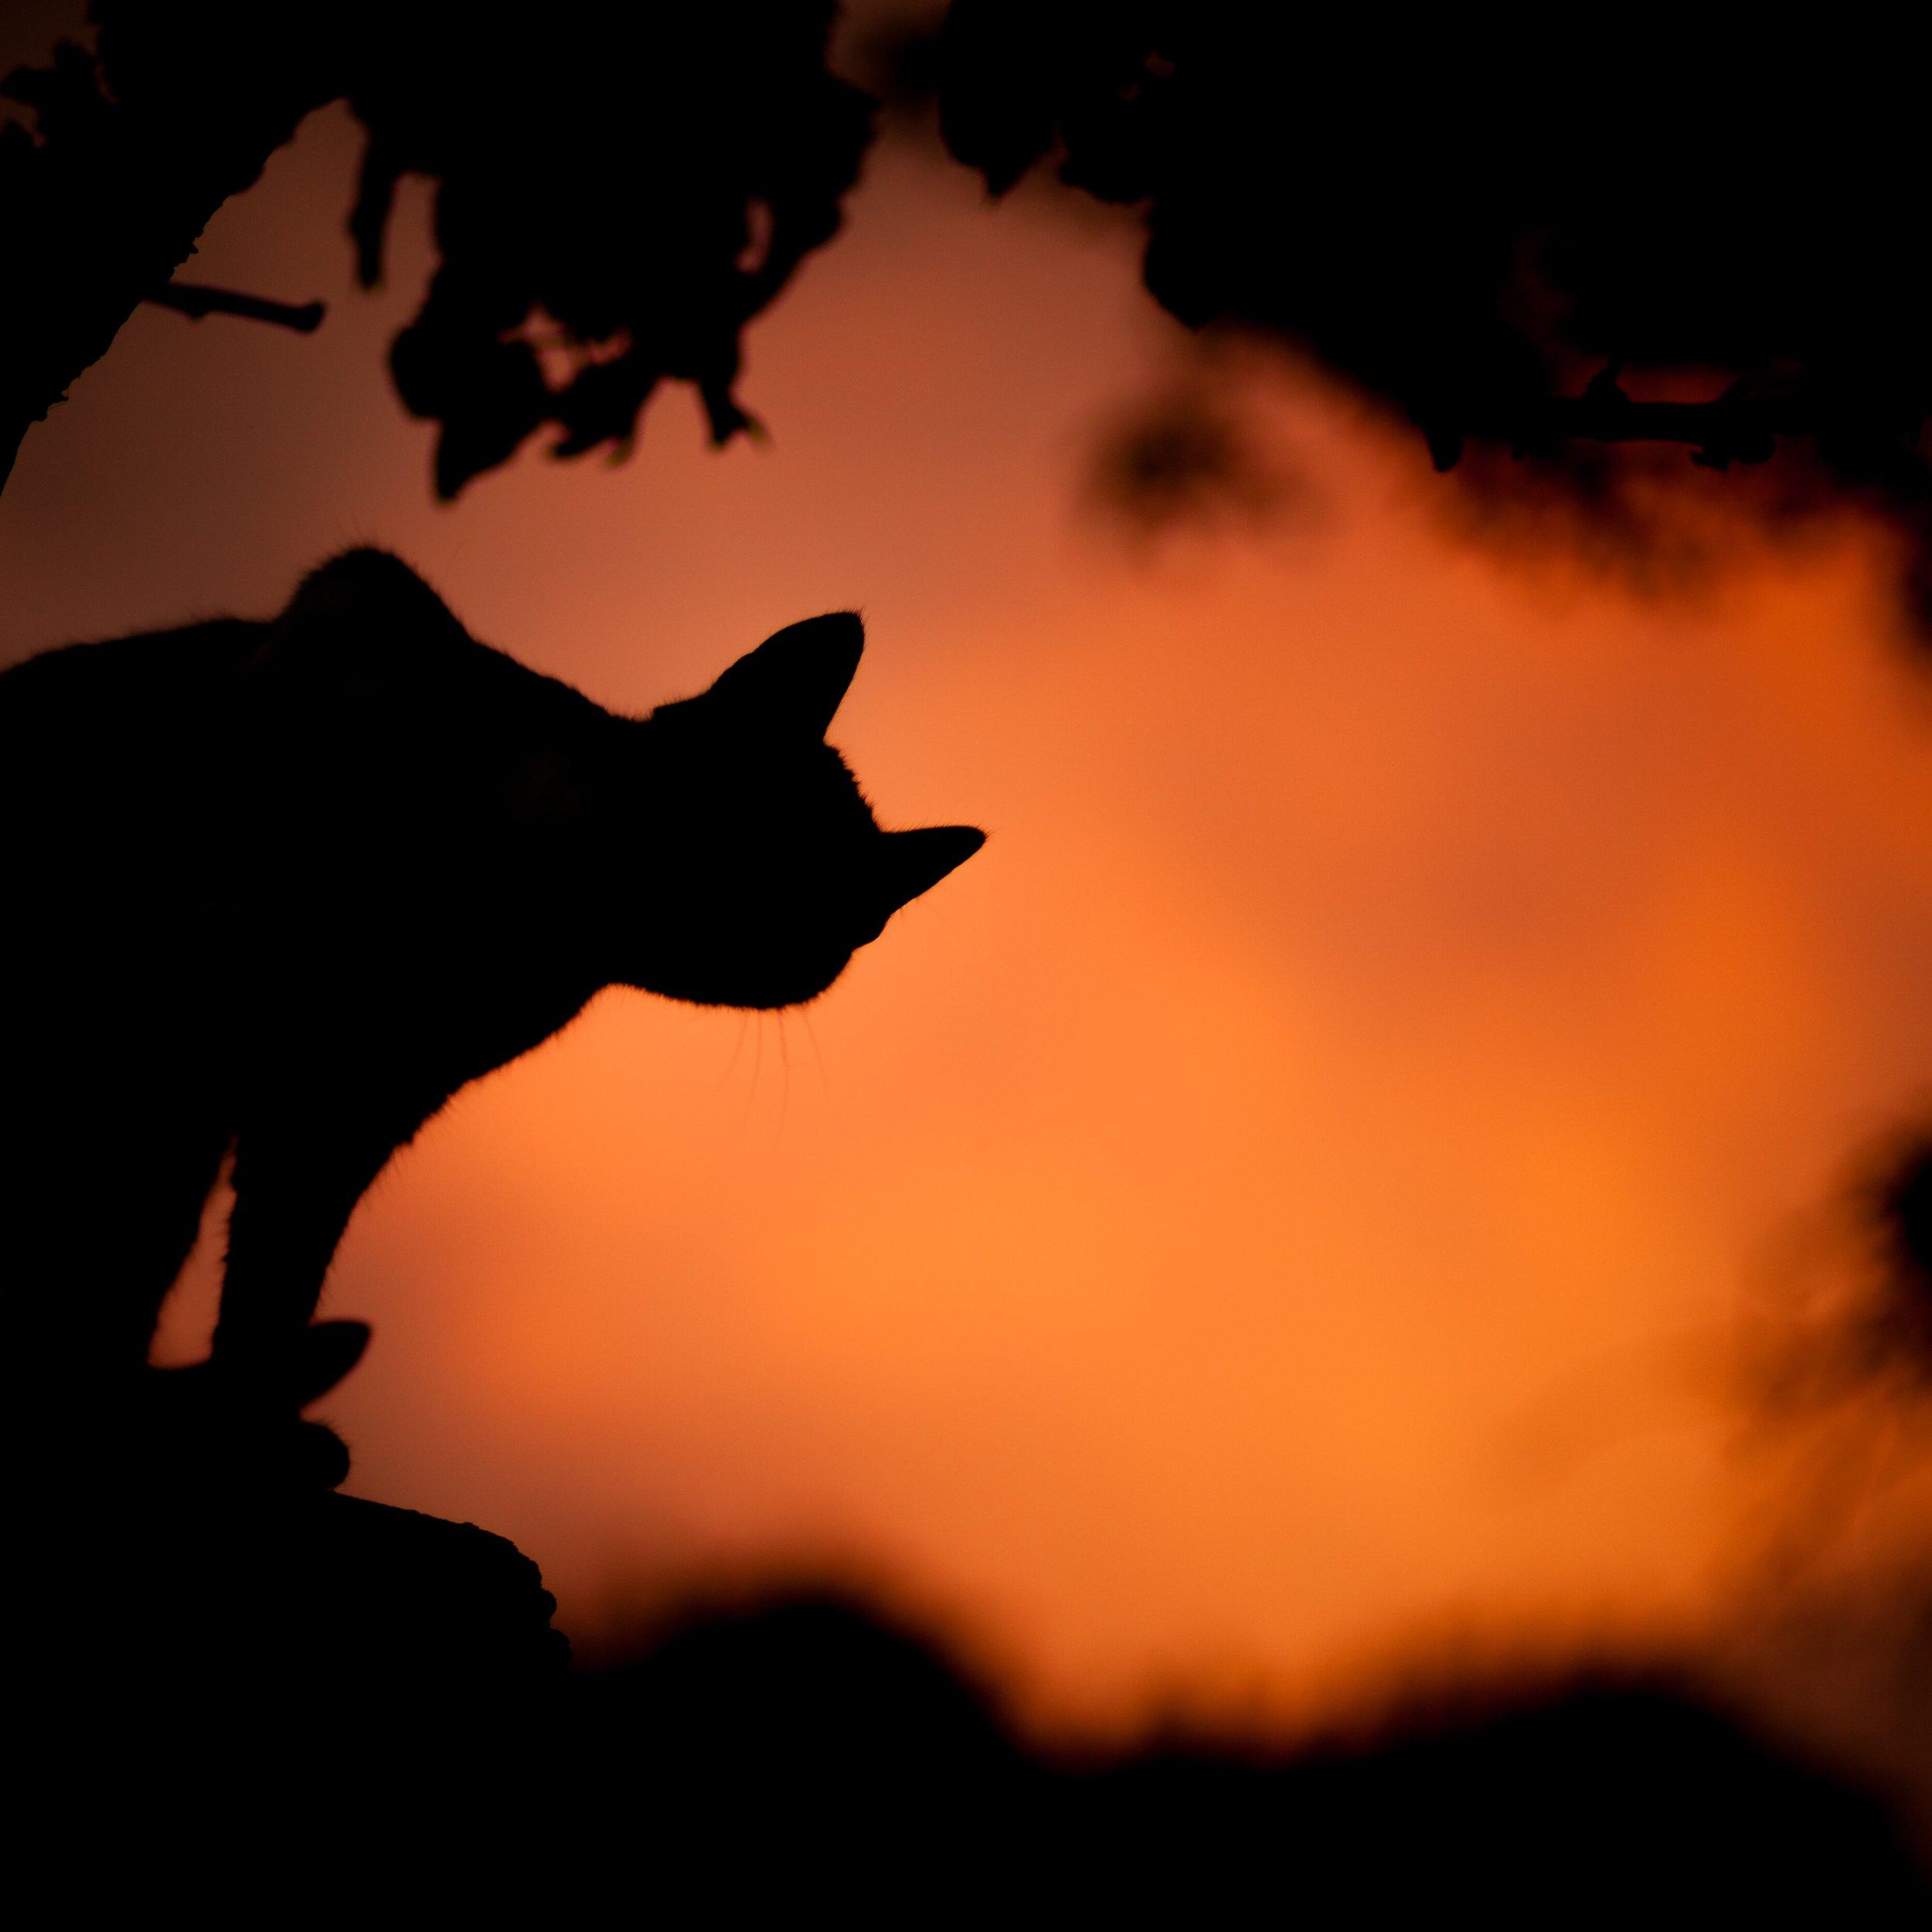 cat on orange background.jpeg